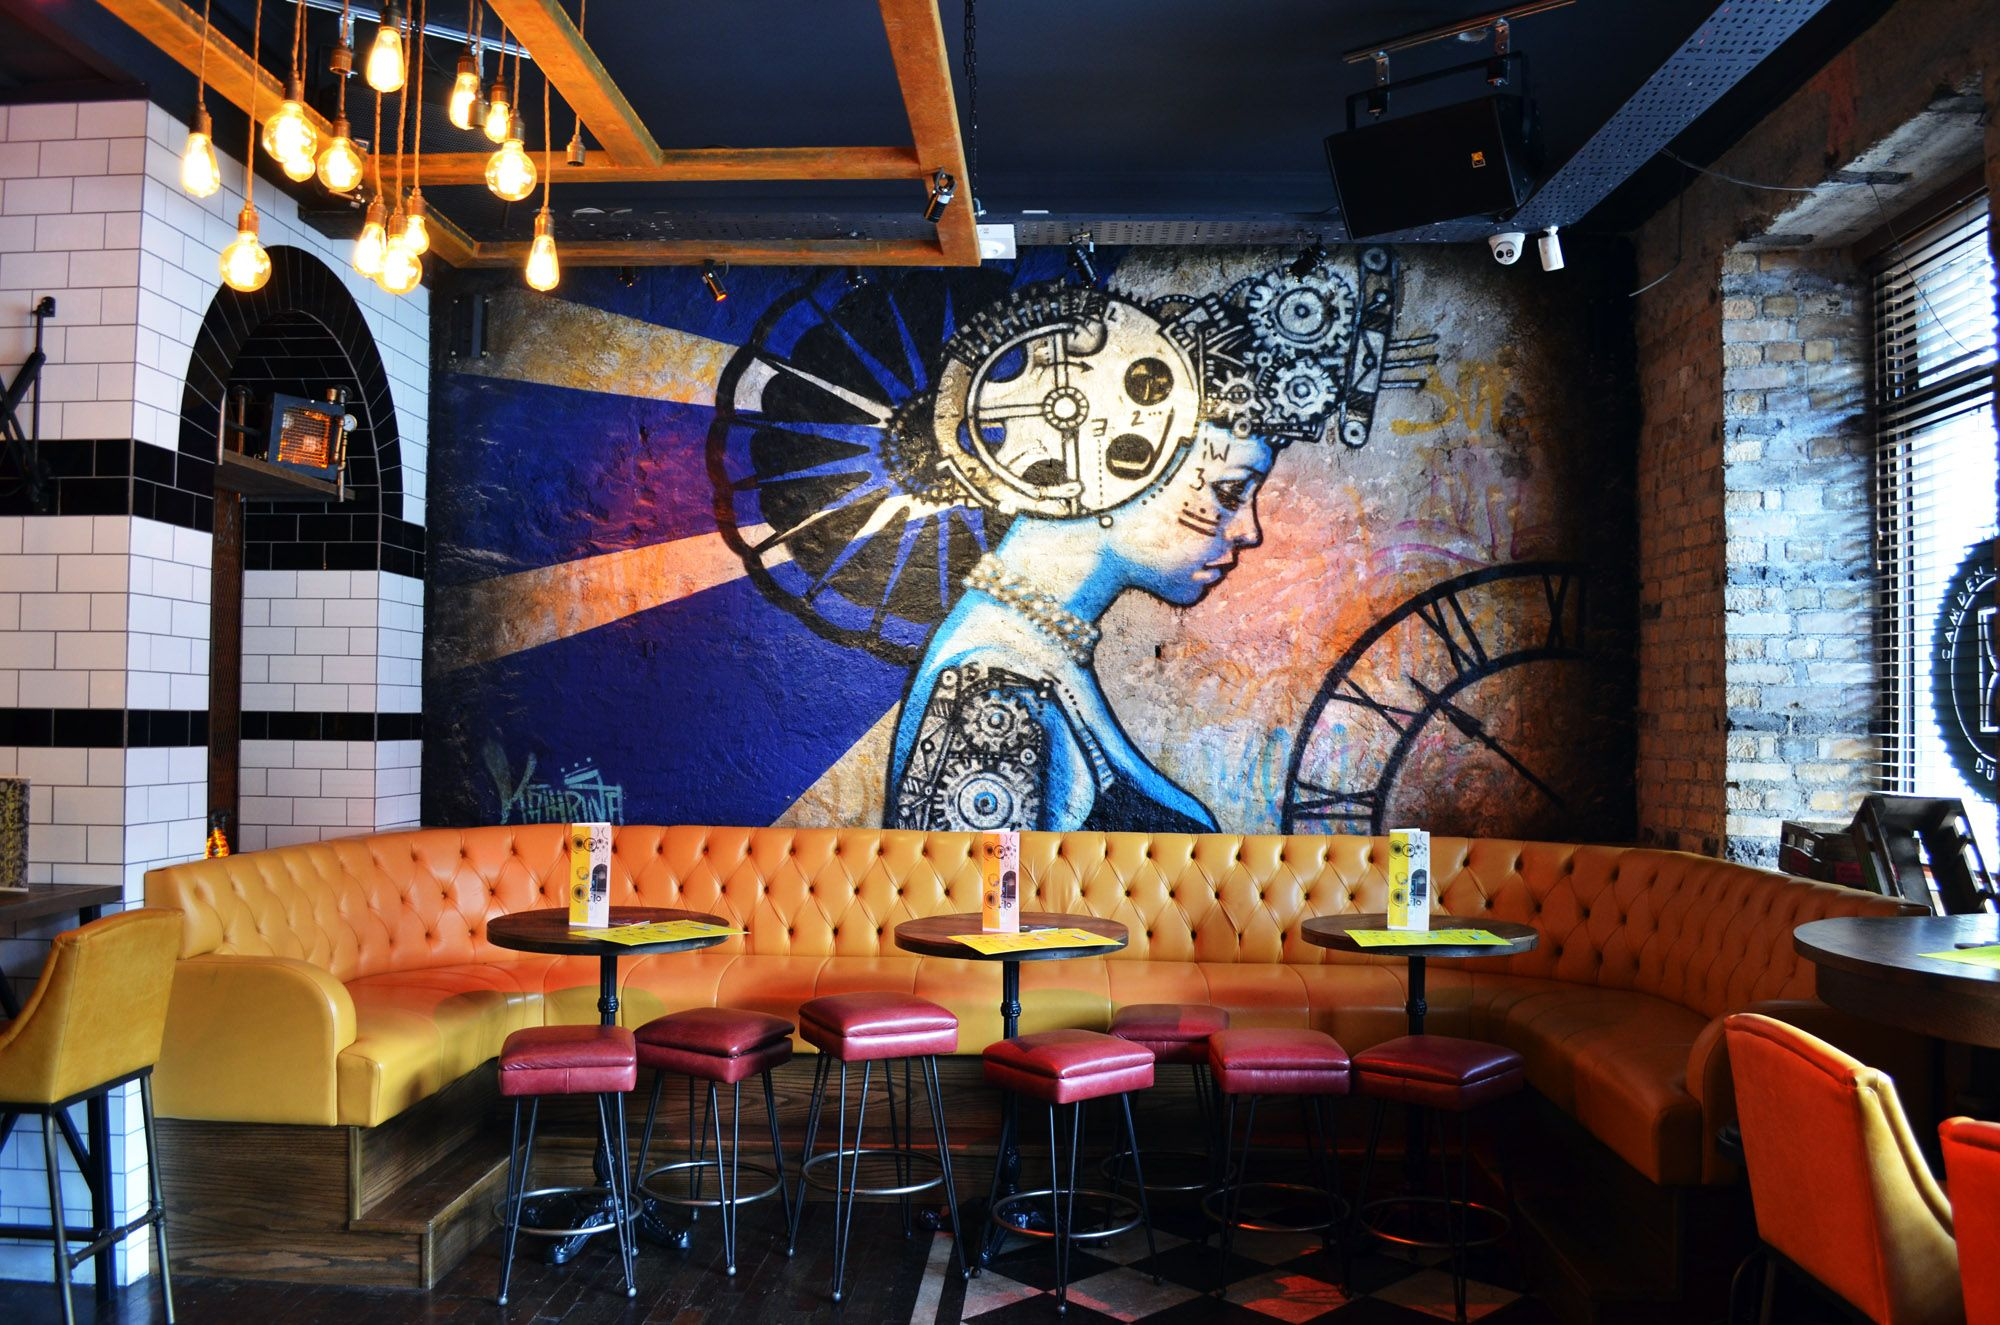 Lestrange designs the camden exchange bar design restaurant design interior graffiti mural dublin